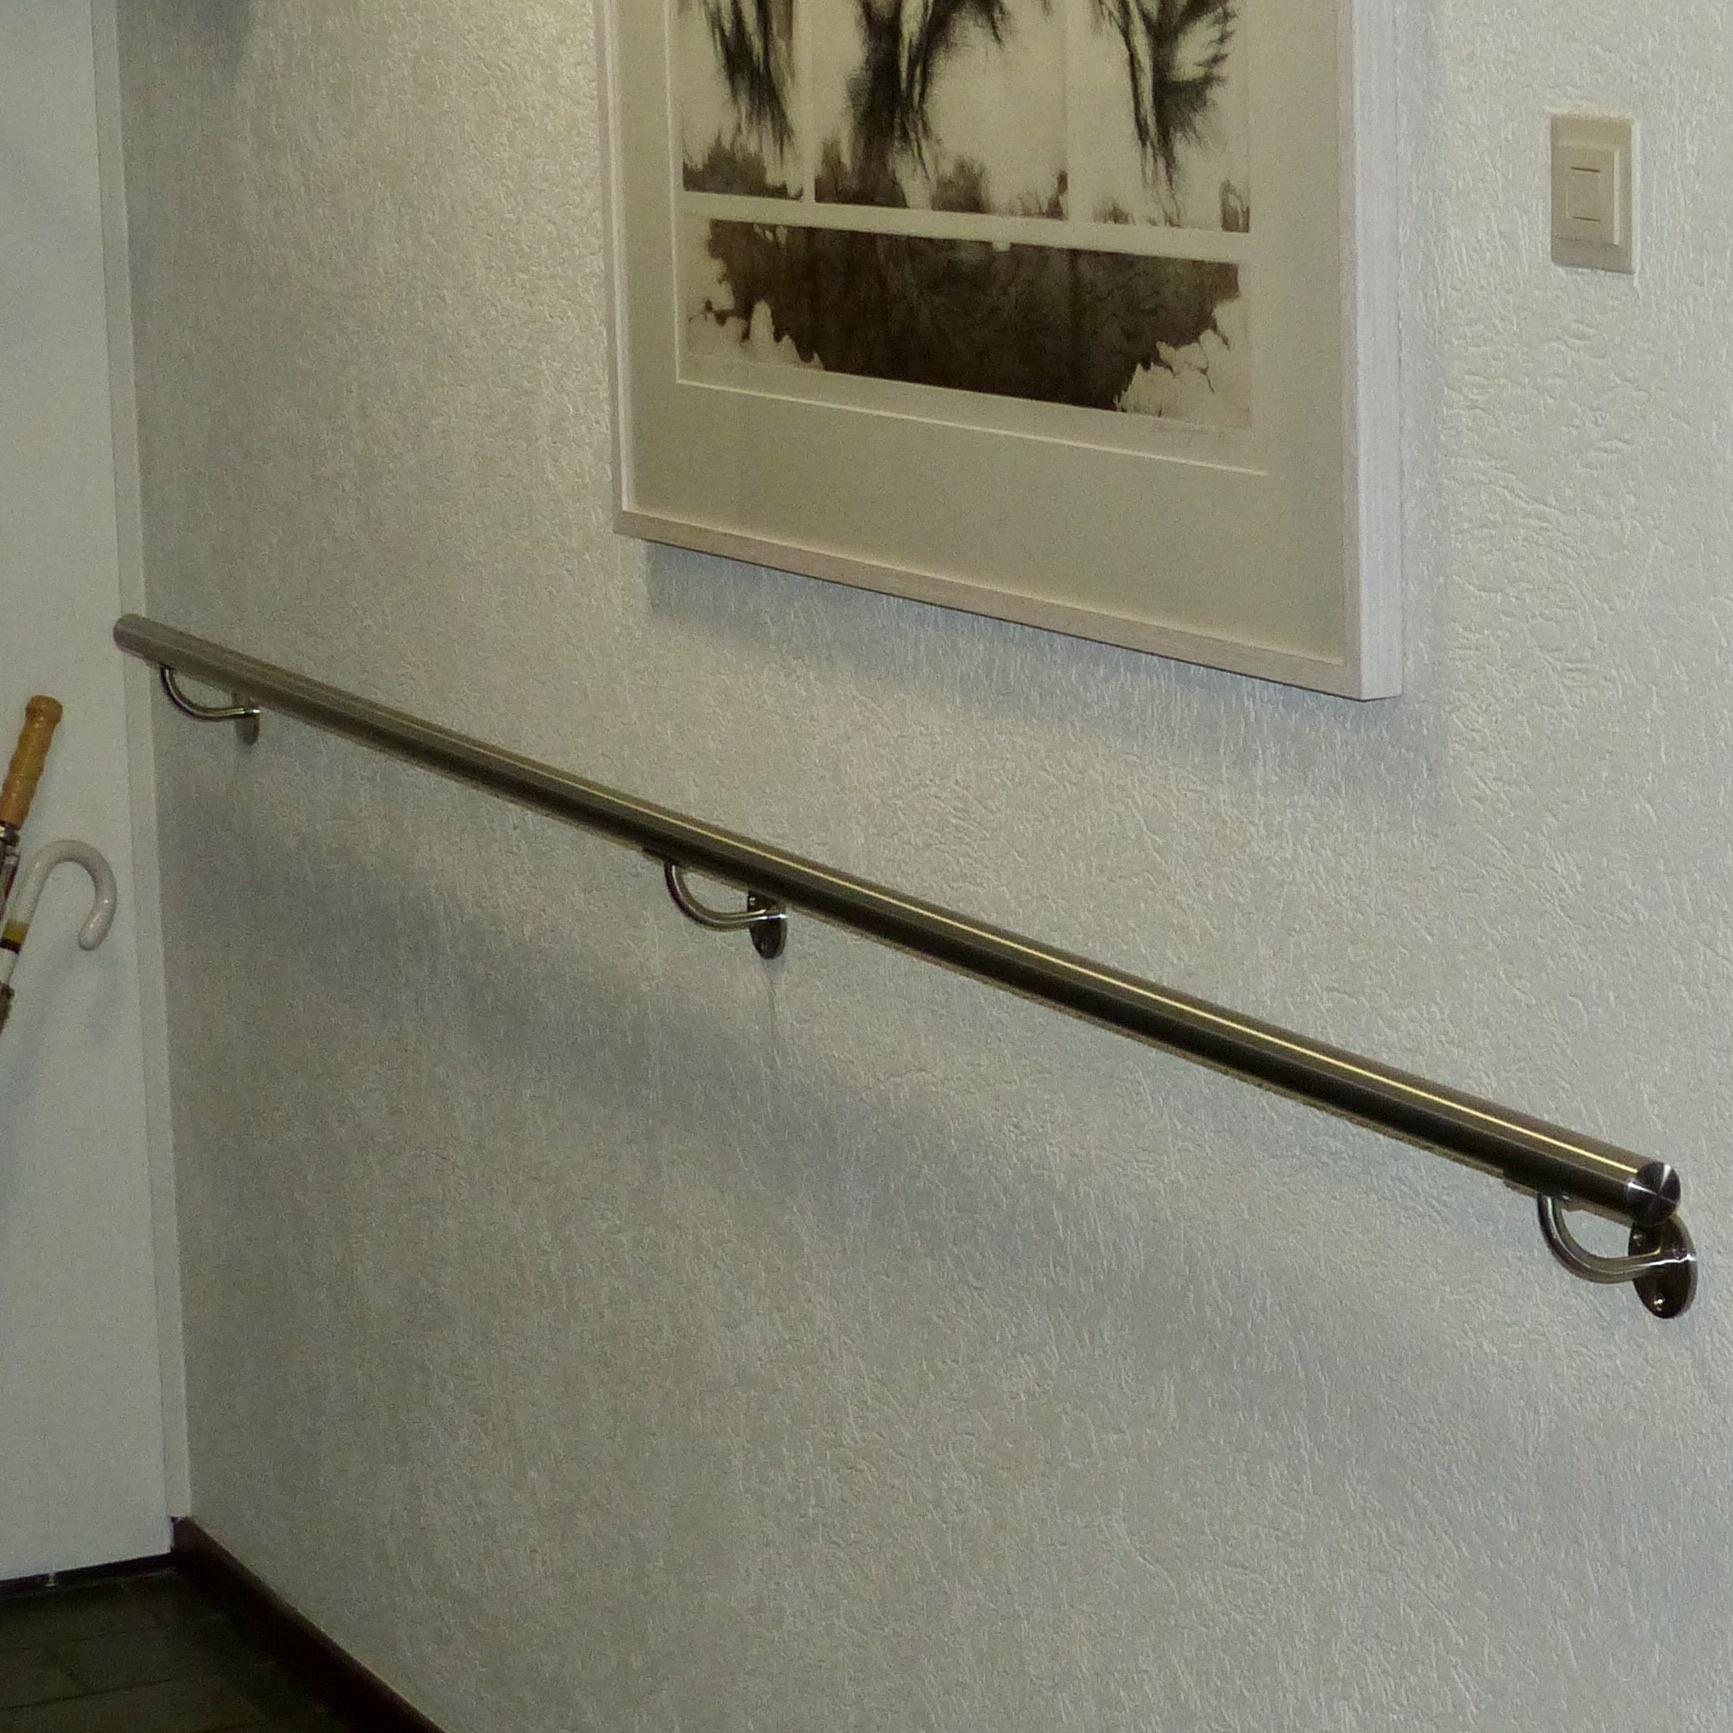 Handlauf Edelstahl rund schmal gebürstet Modell 2 - Runde Edelstahl Treppengeländer - Treppenhandlauf